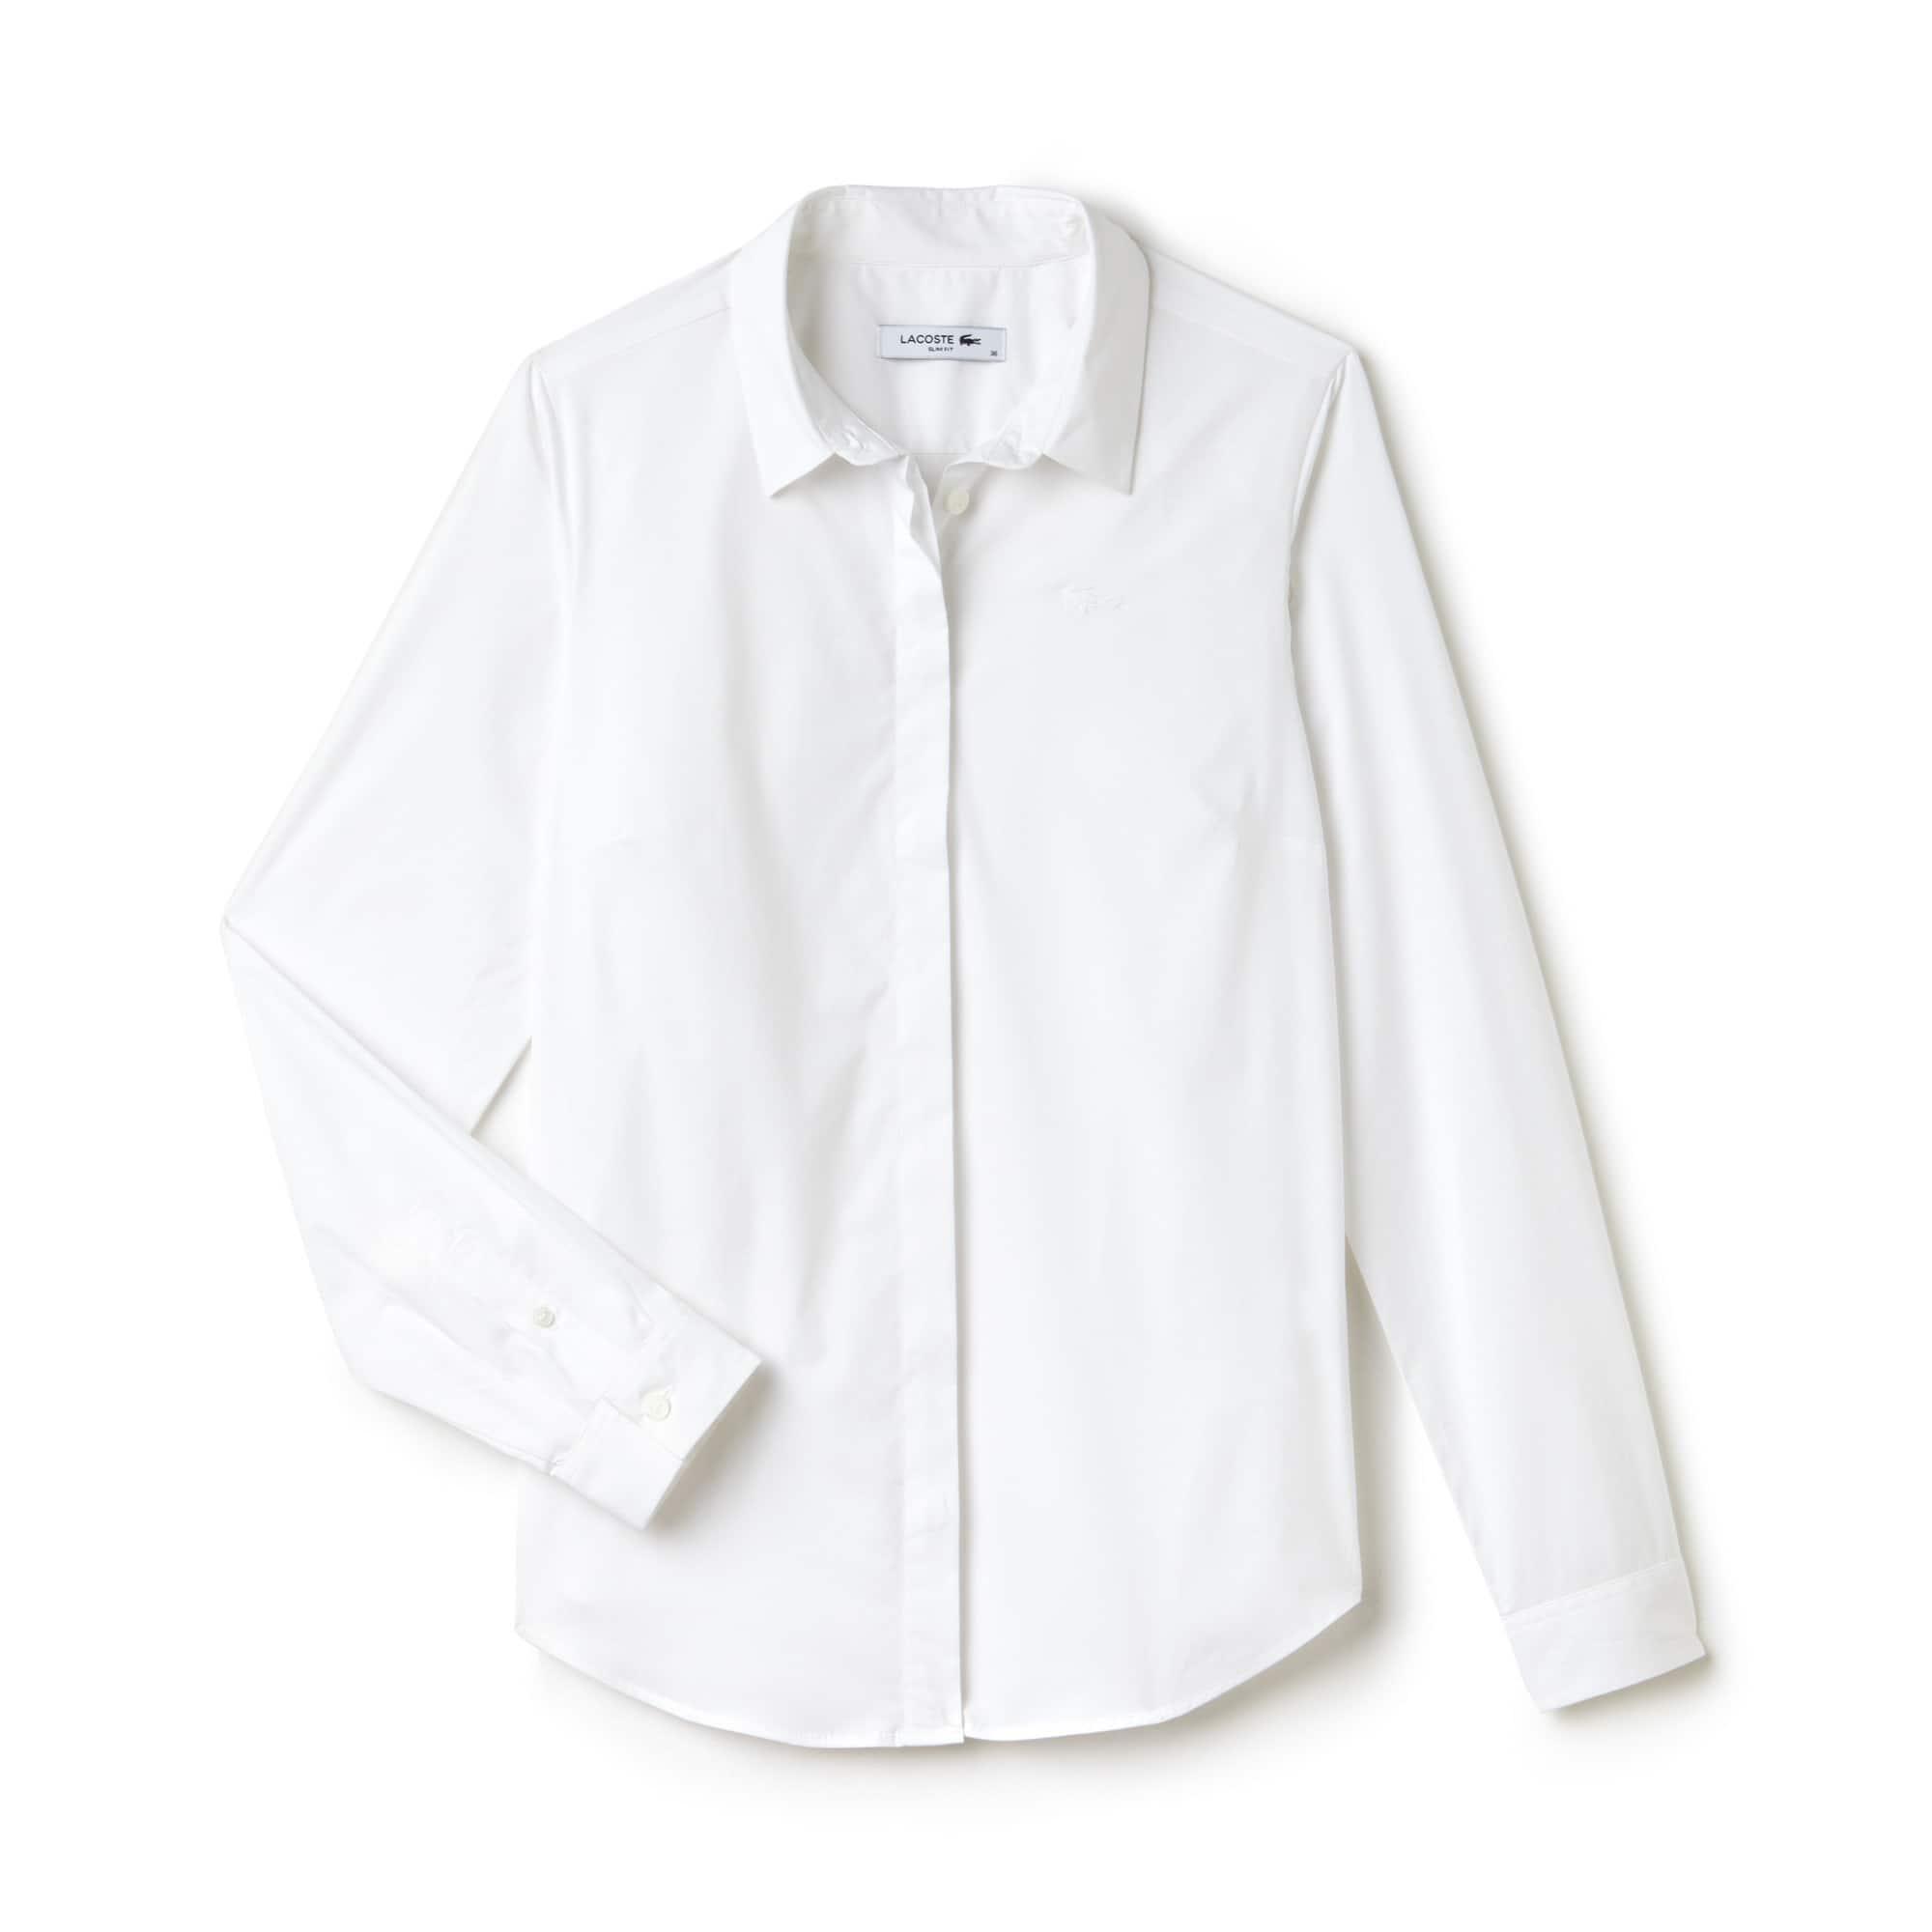 Slim Fit Damen-Hemd aus Baumwoll-Popeline mit Stretch